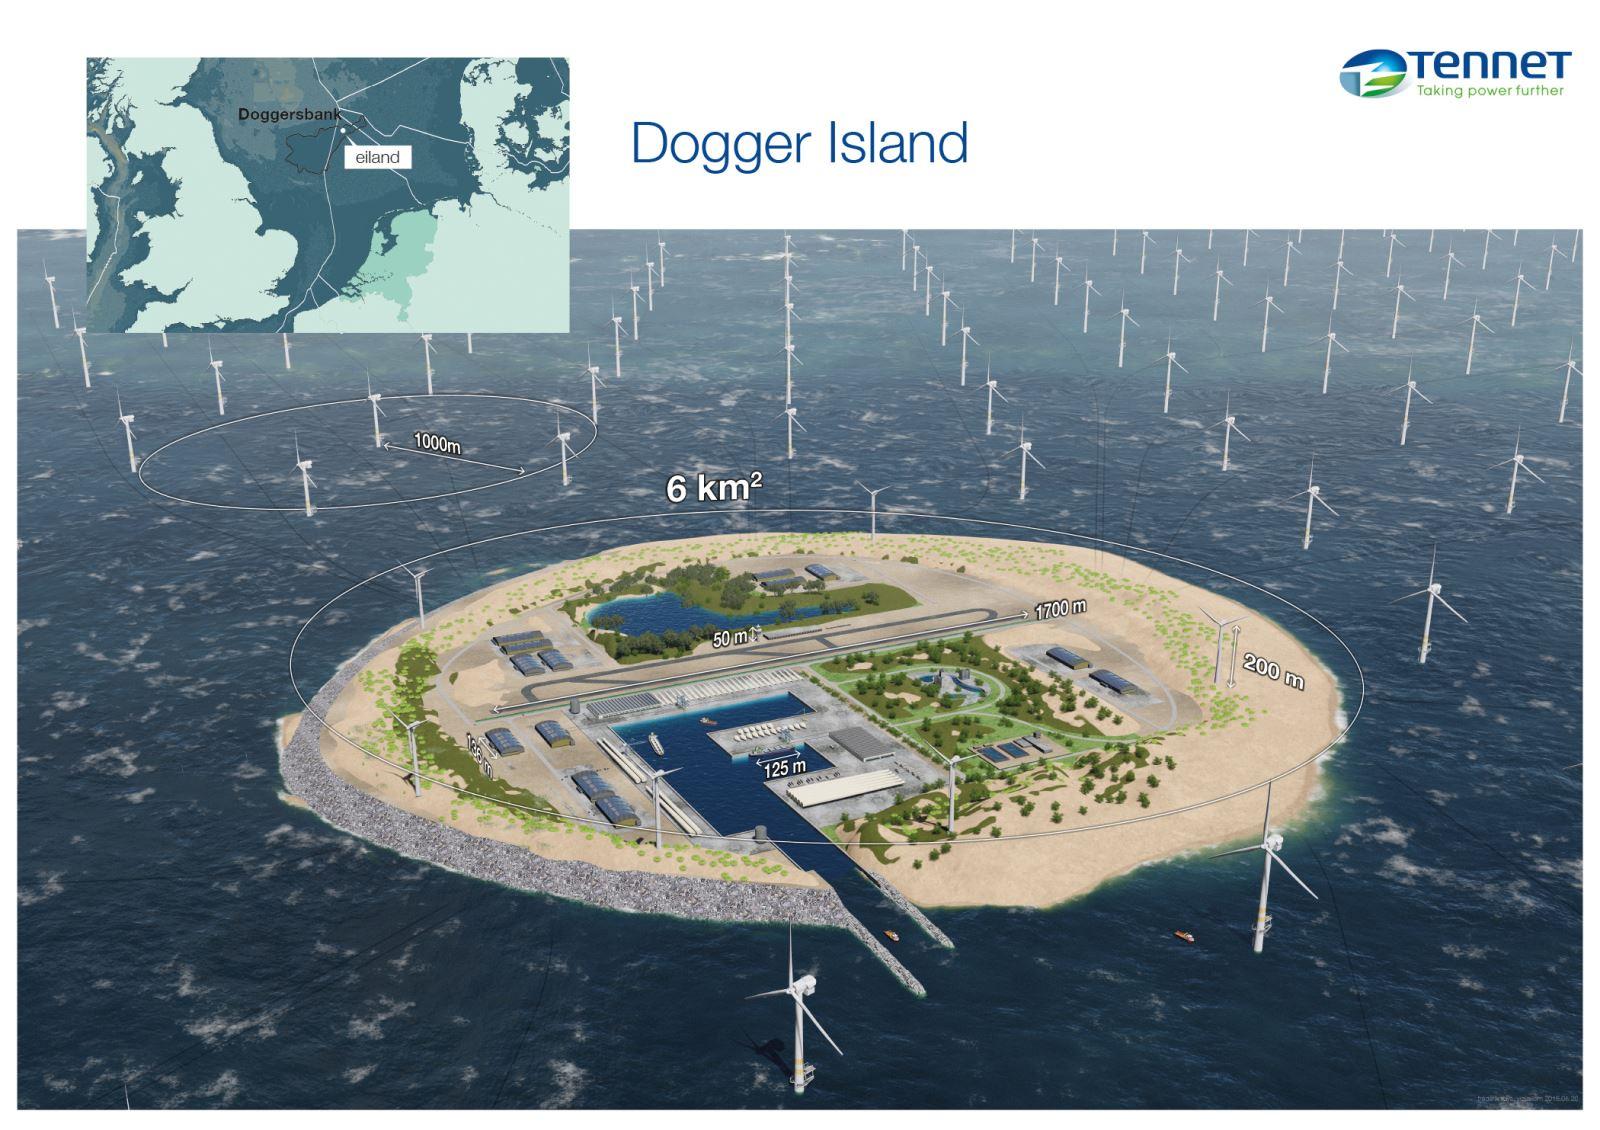 滕特发行12.5亿欧元绿色债券推动海上风电项目